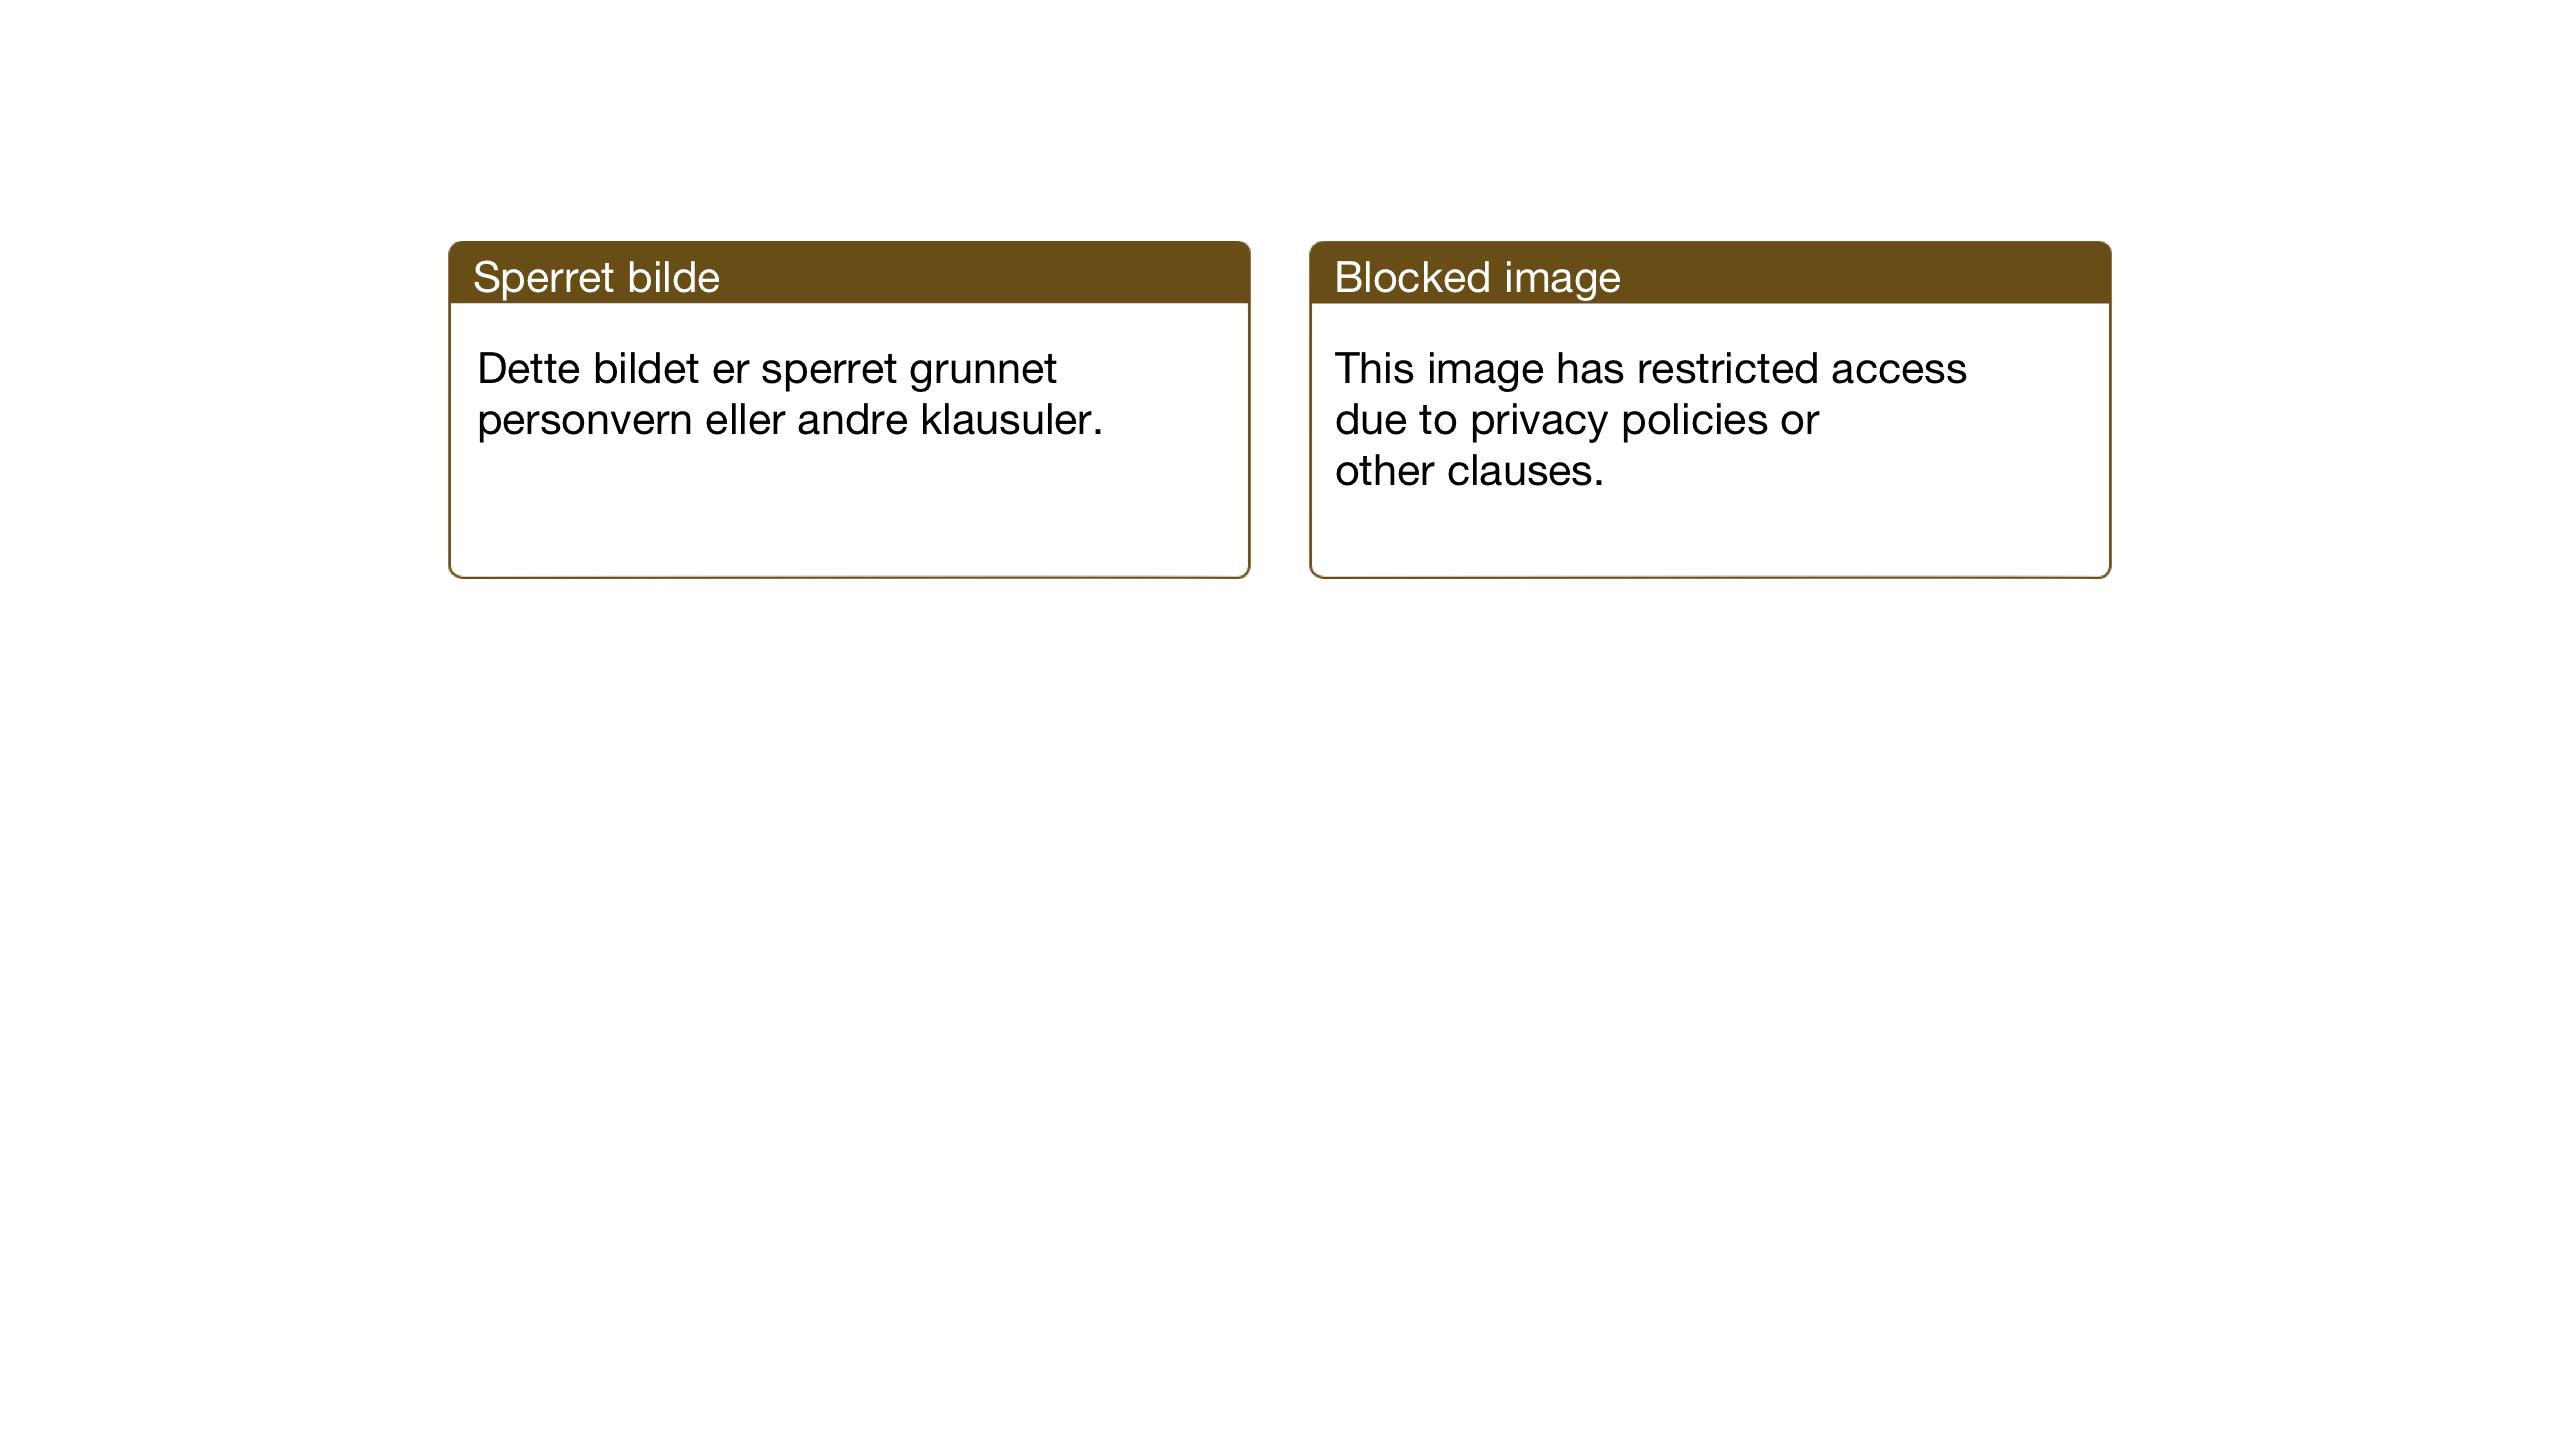 SAT, Ministerialprotokoller, klokkerbøker og fødselsregistre - Nord-Trøndelag, 732/L0319: Klokkerbok nr. 732C03, 1911-1945, s. 33